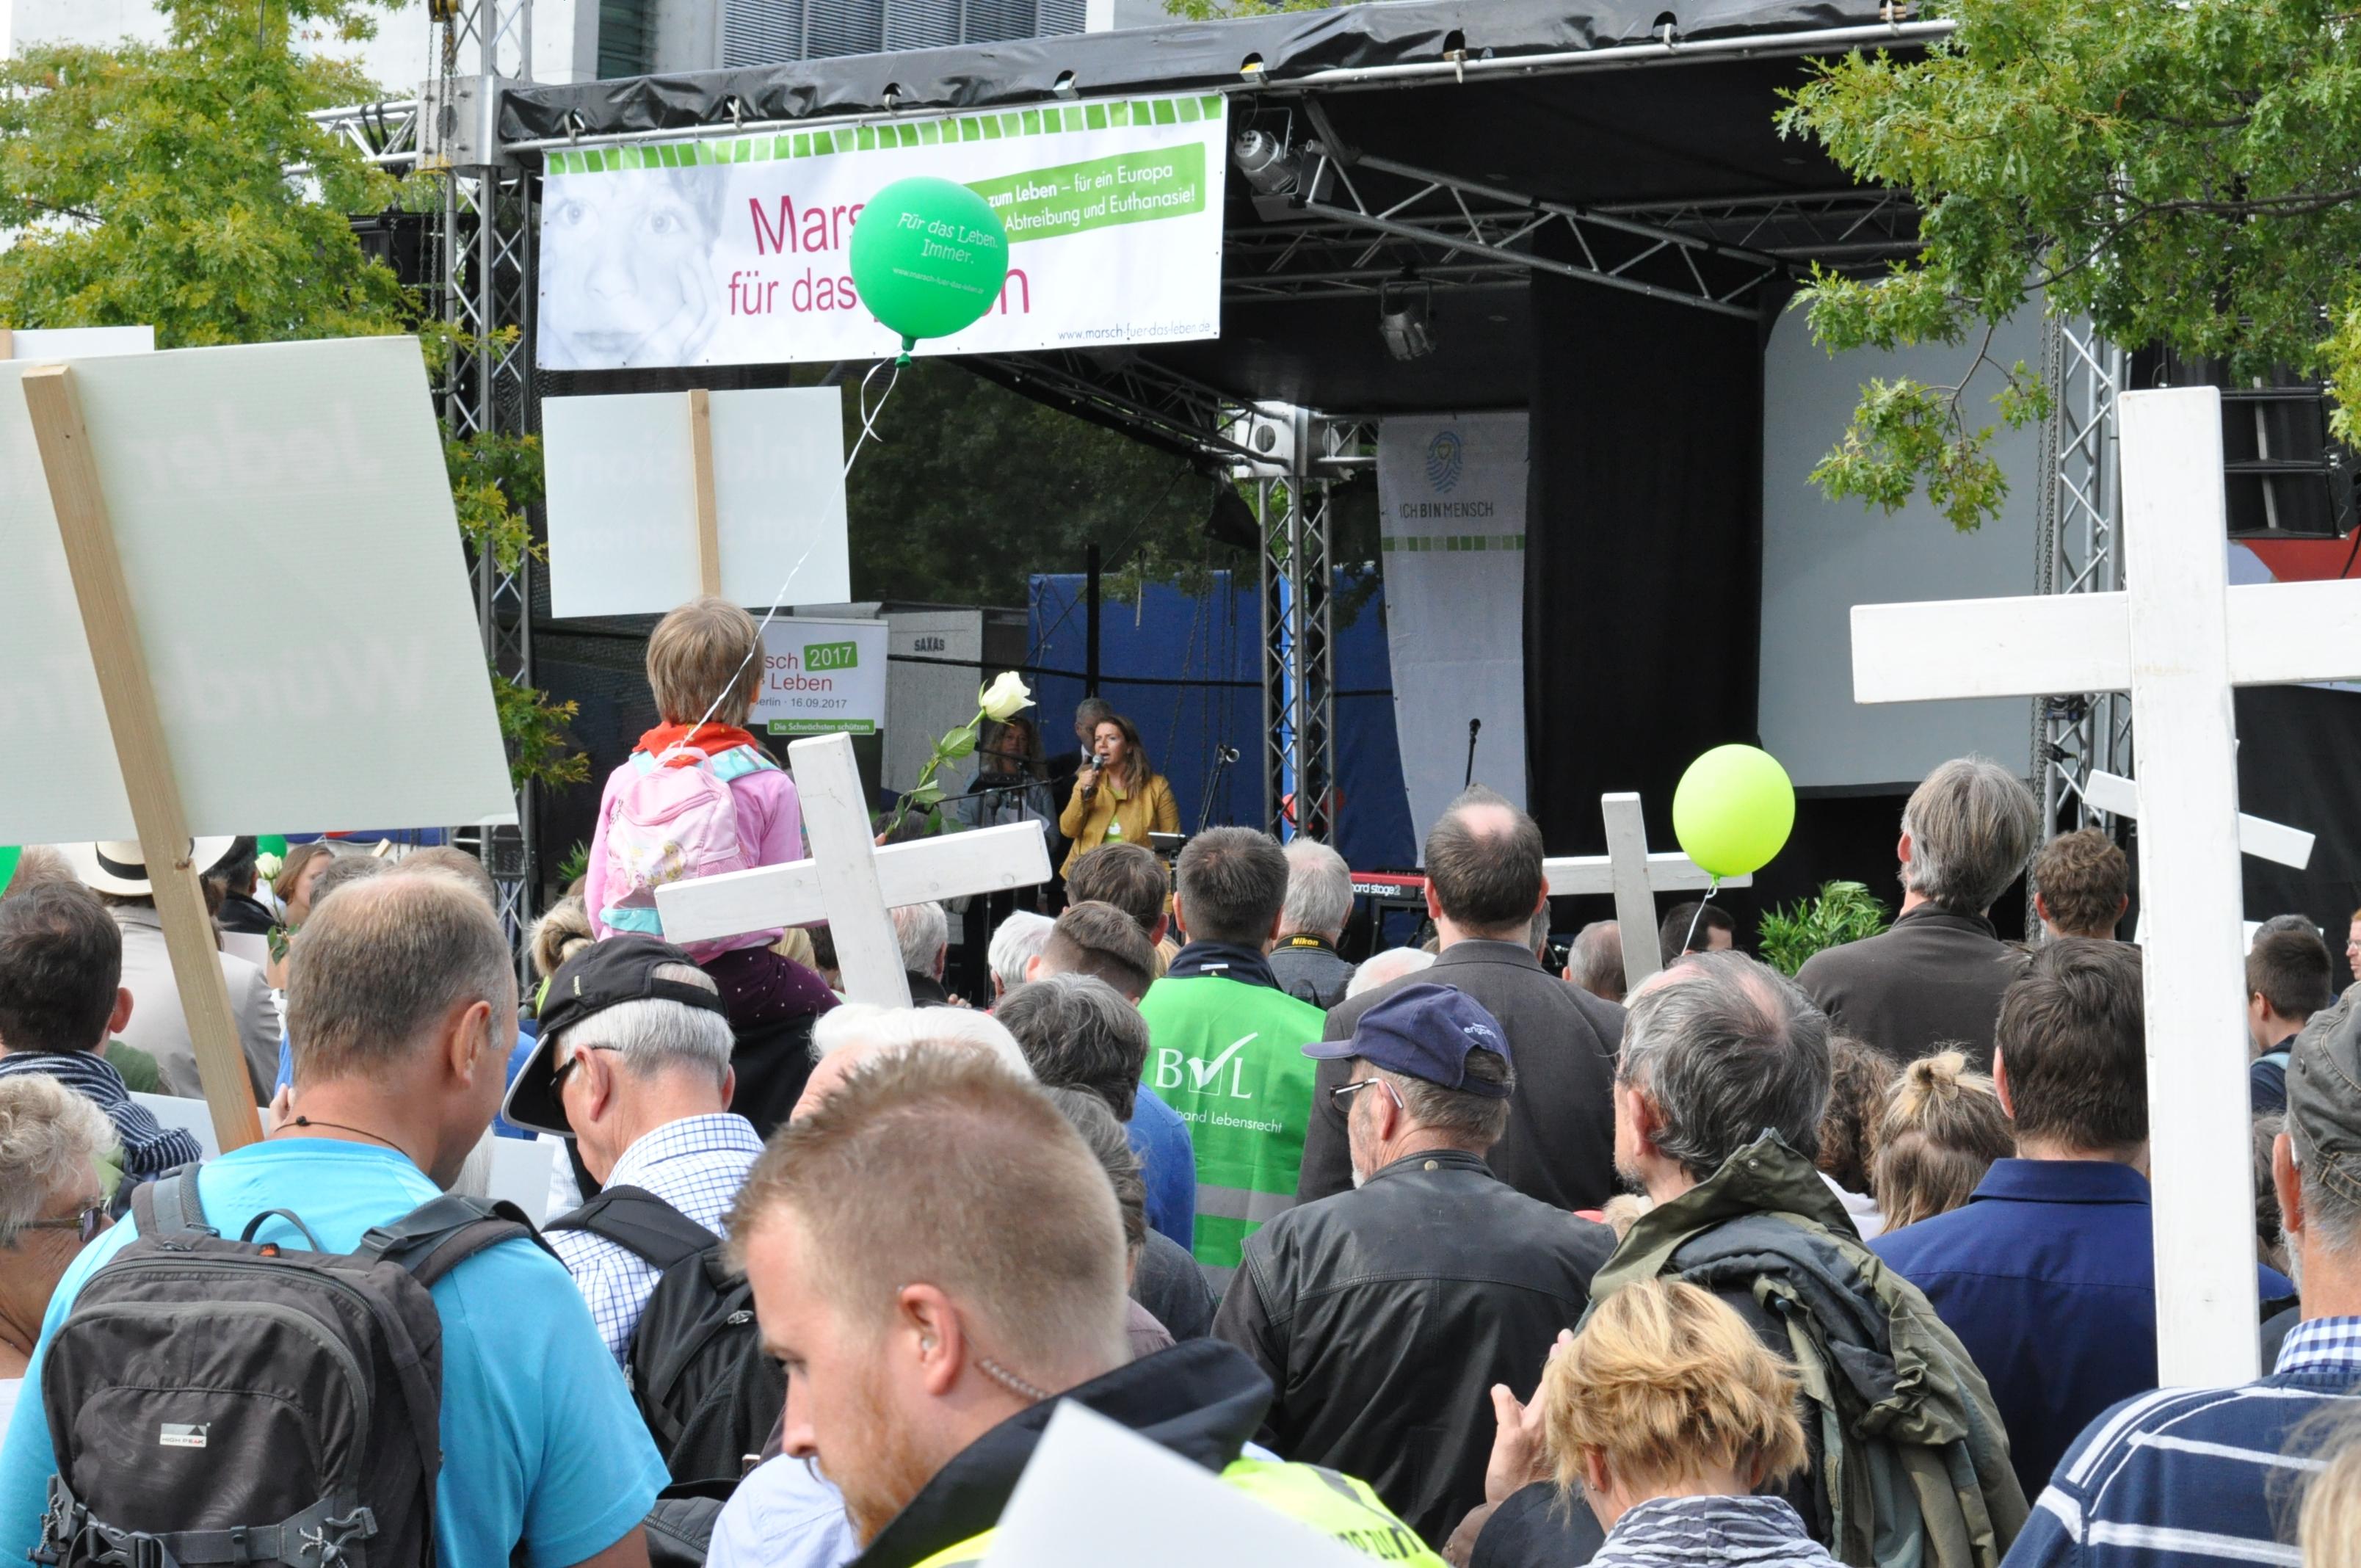 Birgit Kelle beim Marsch für das Leben